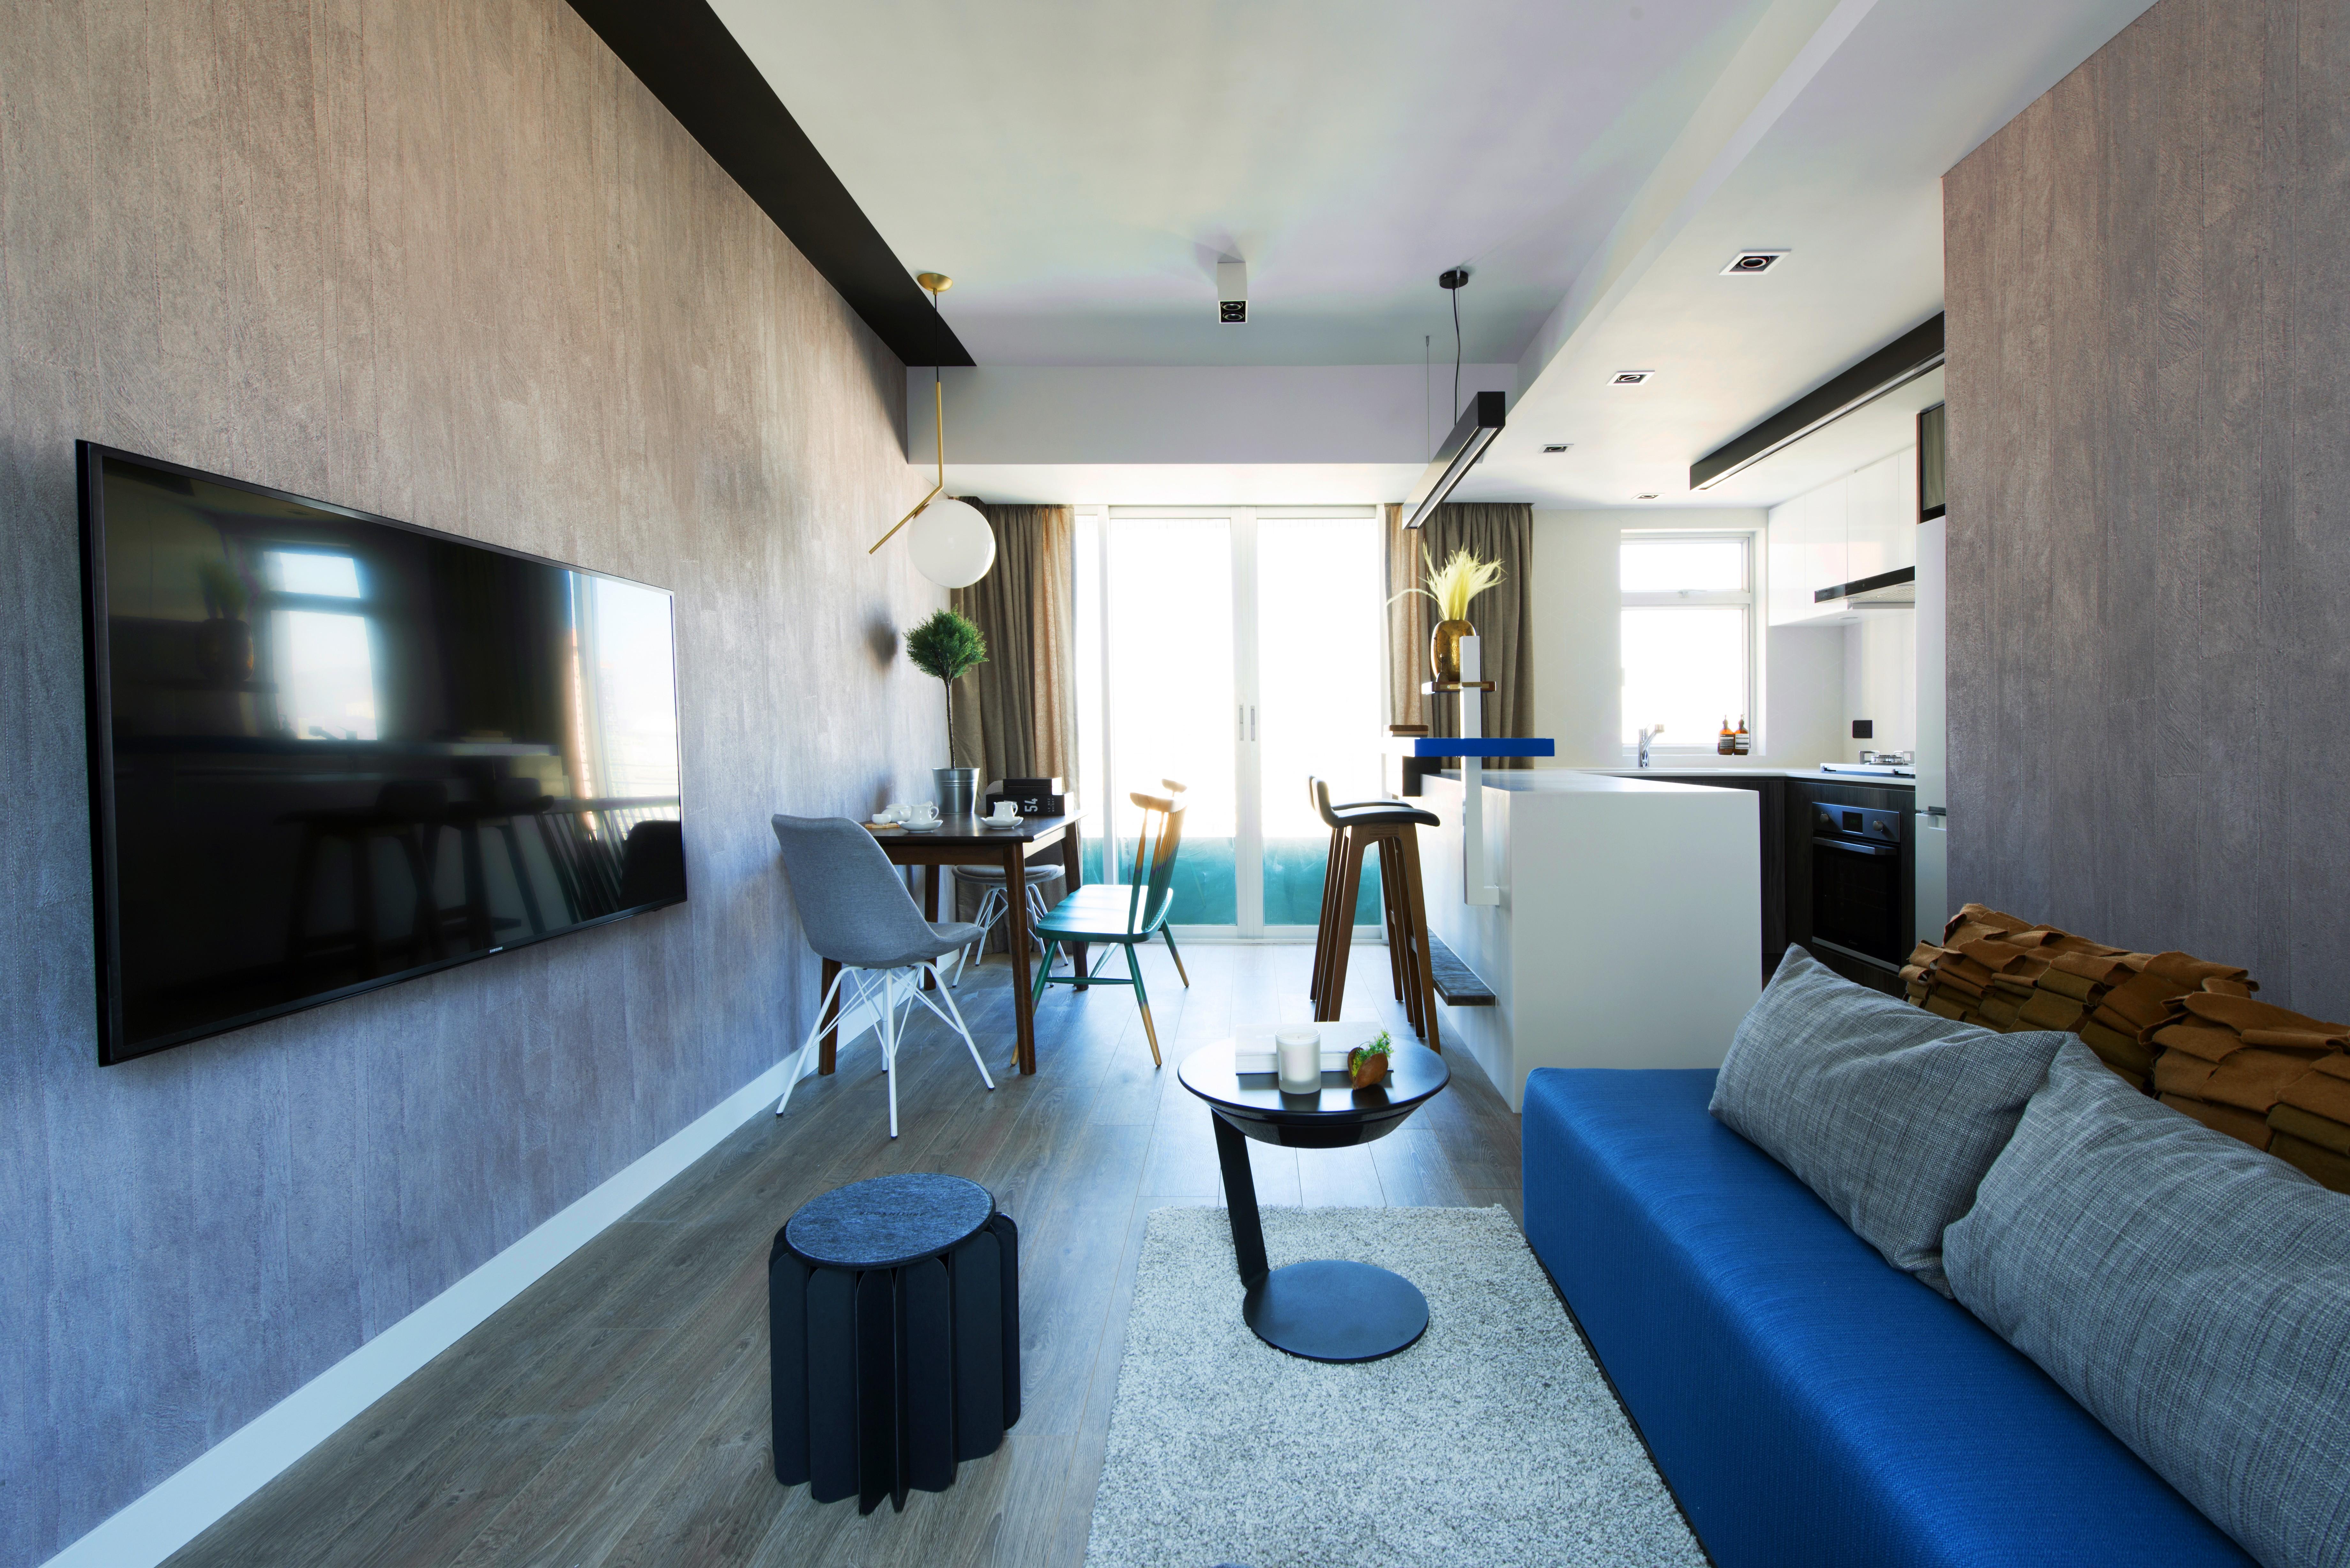 Bachelor Pad - Home & Furniture Design - Kitchenagenda.com